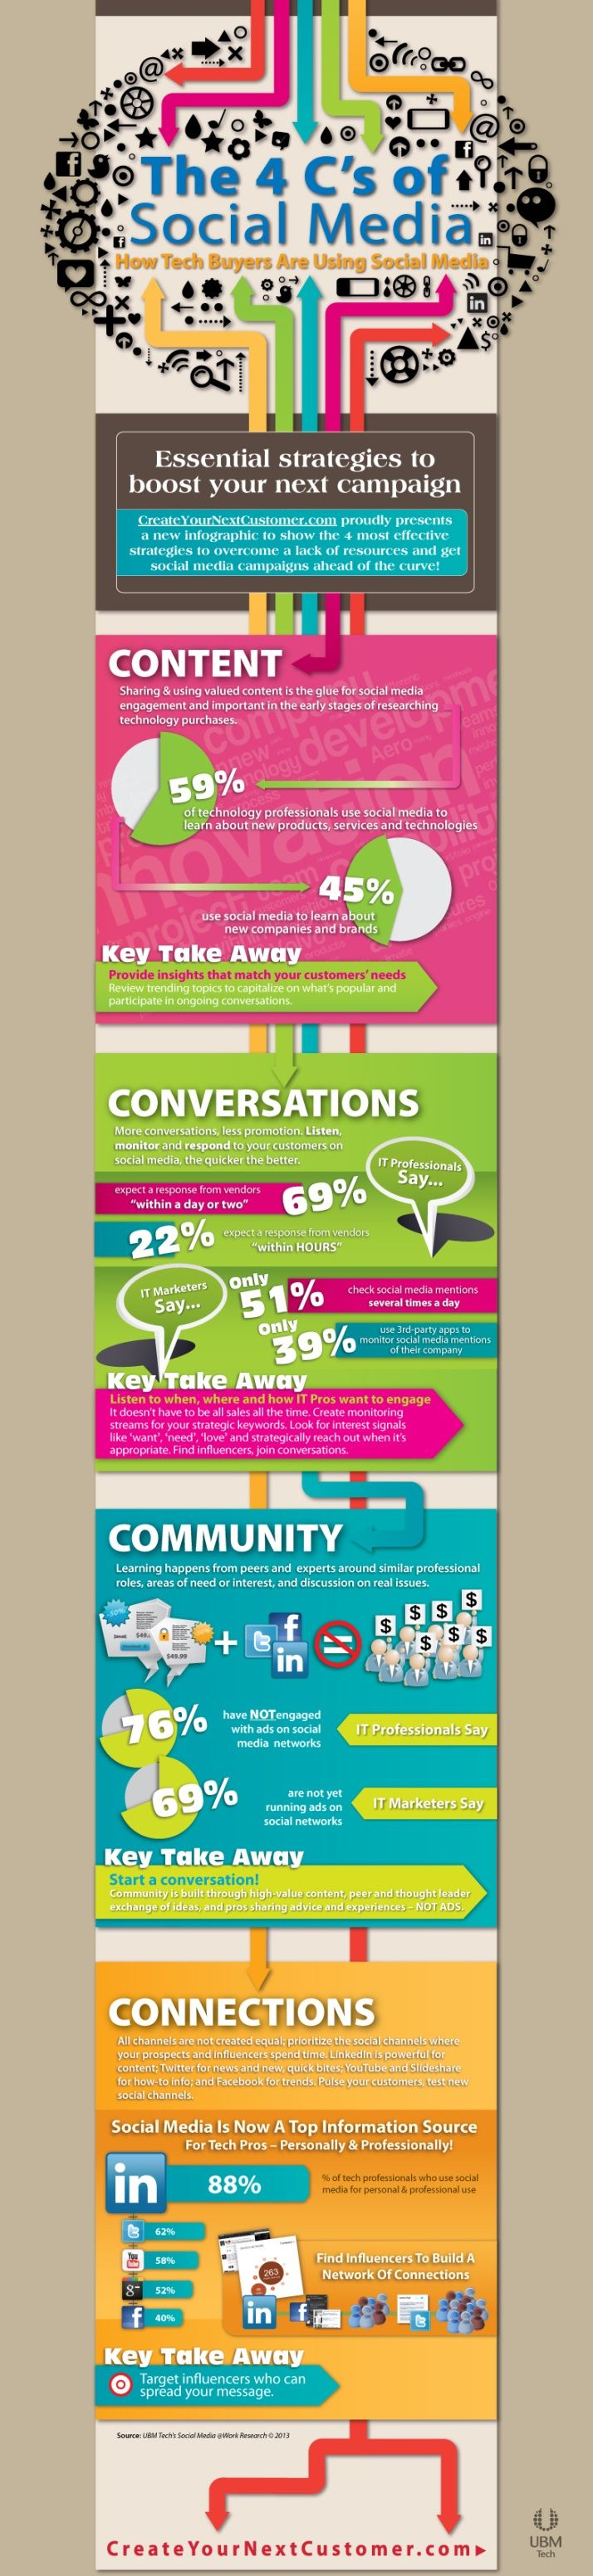 Las cuatro Cs del social media marketing